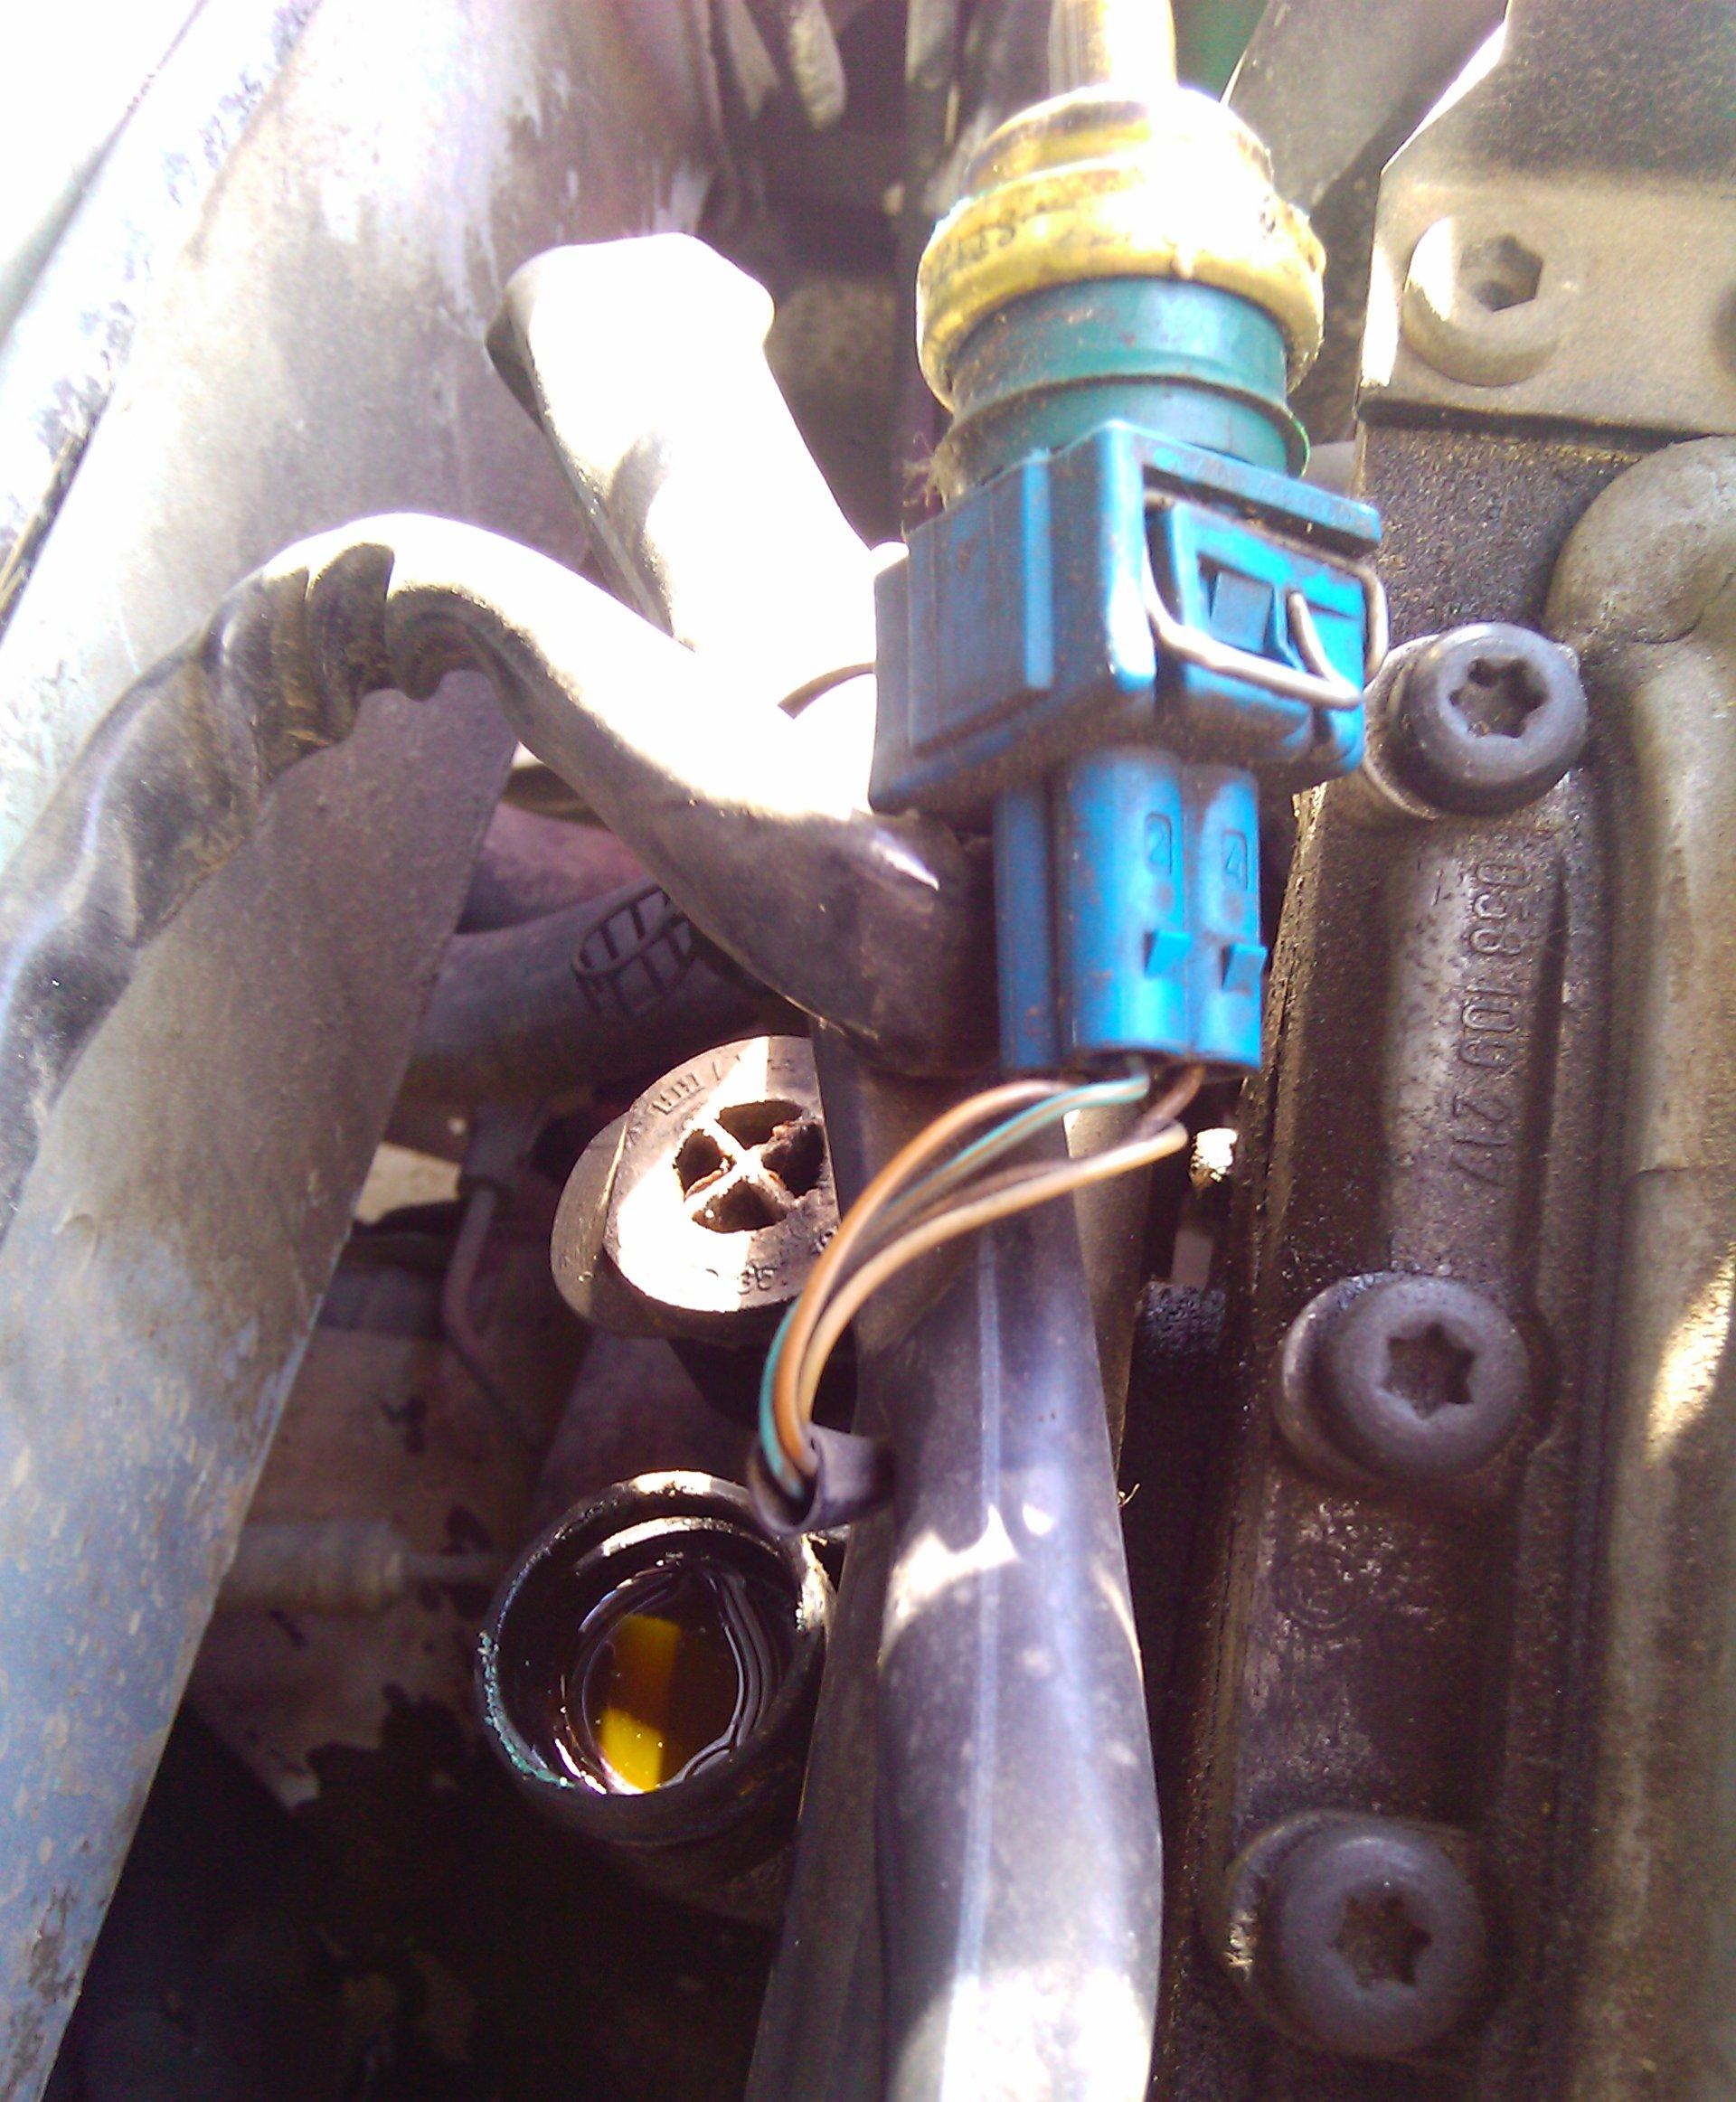 стирке термобелье пассат б 5 где стаит дтож бельё должно